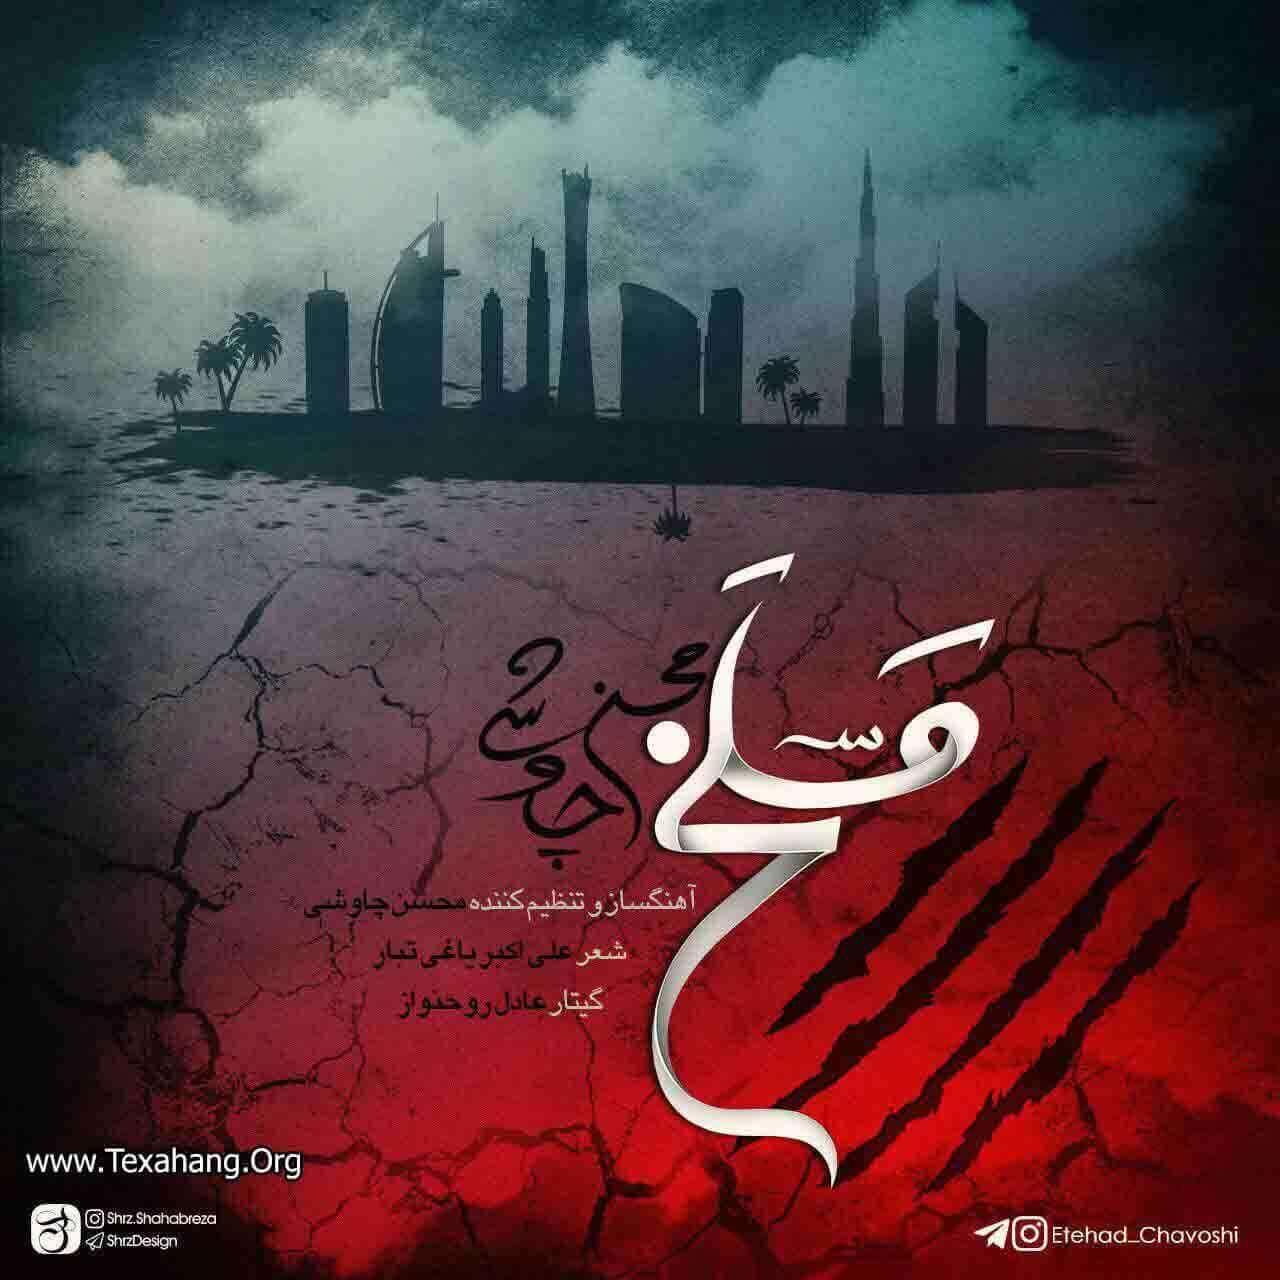 متن آهنگ محسن چاوشی مسلخ